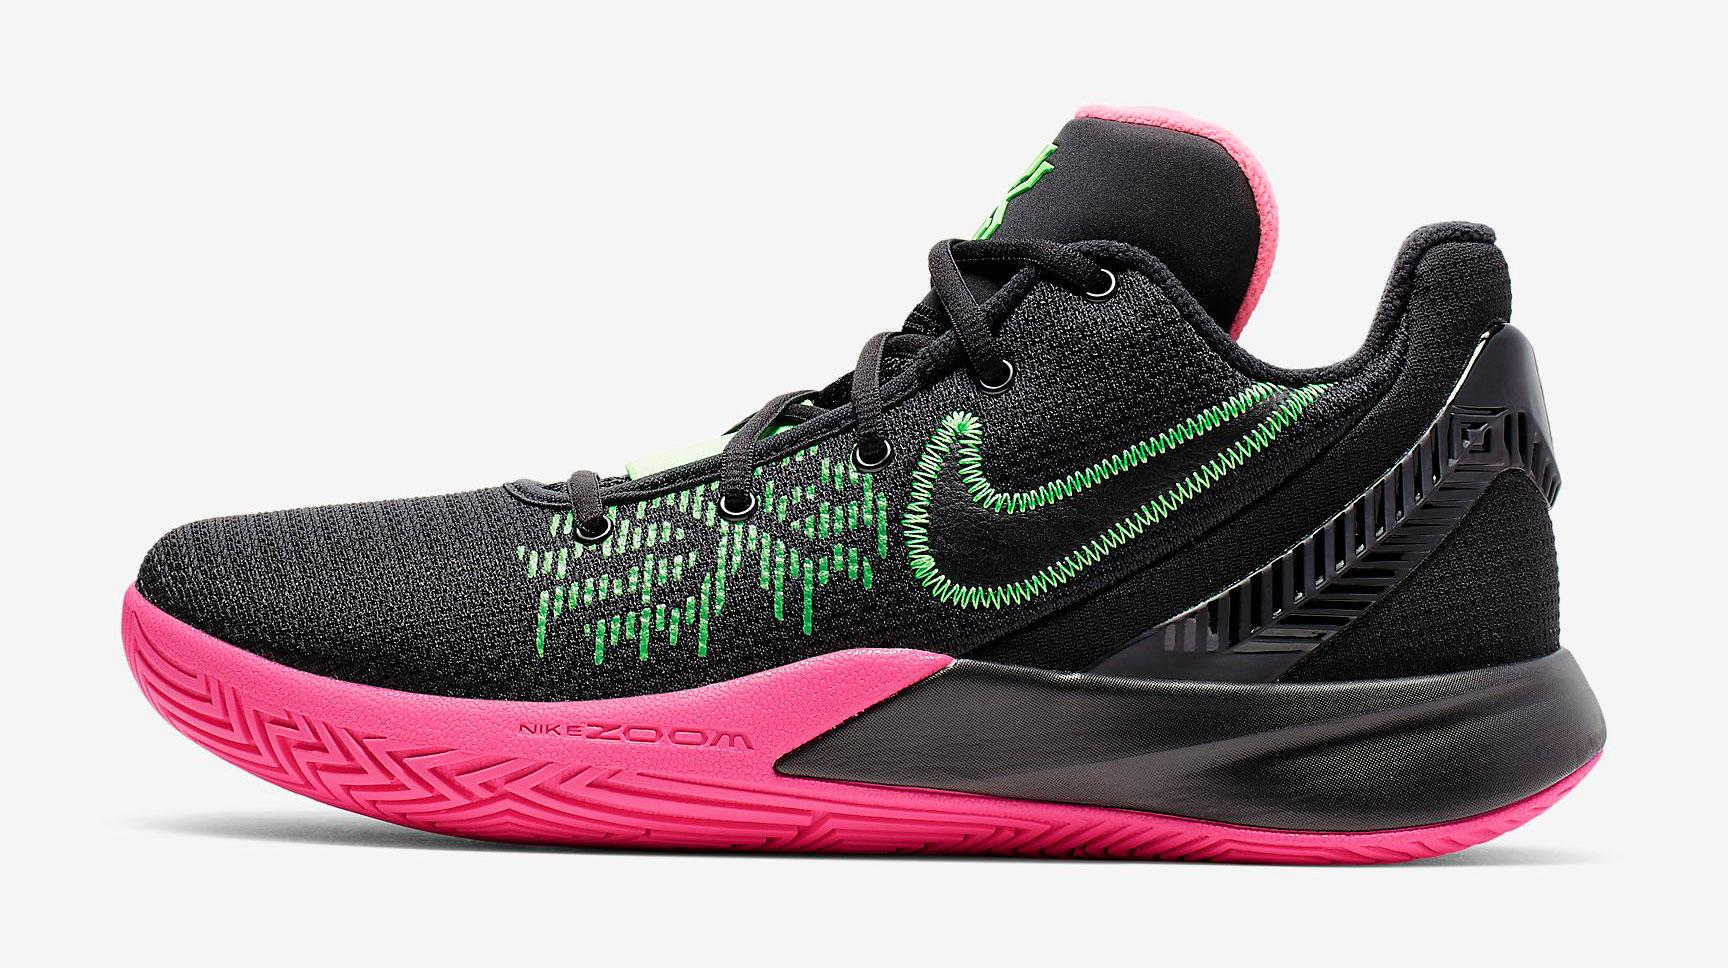 nike-kyrie-flytrap-2-black-pink-green-release-date